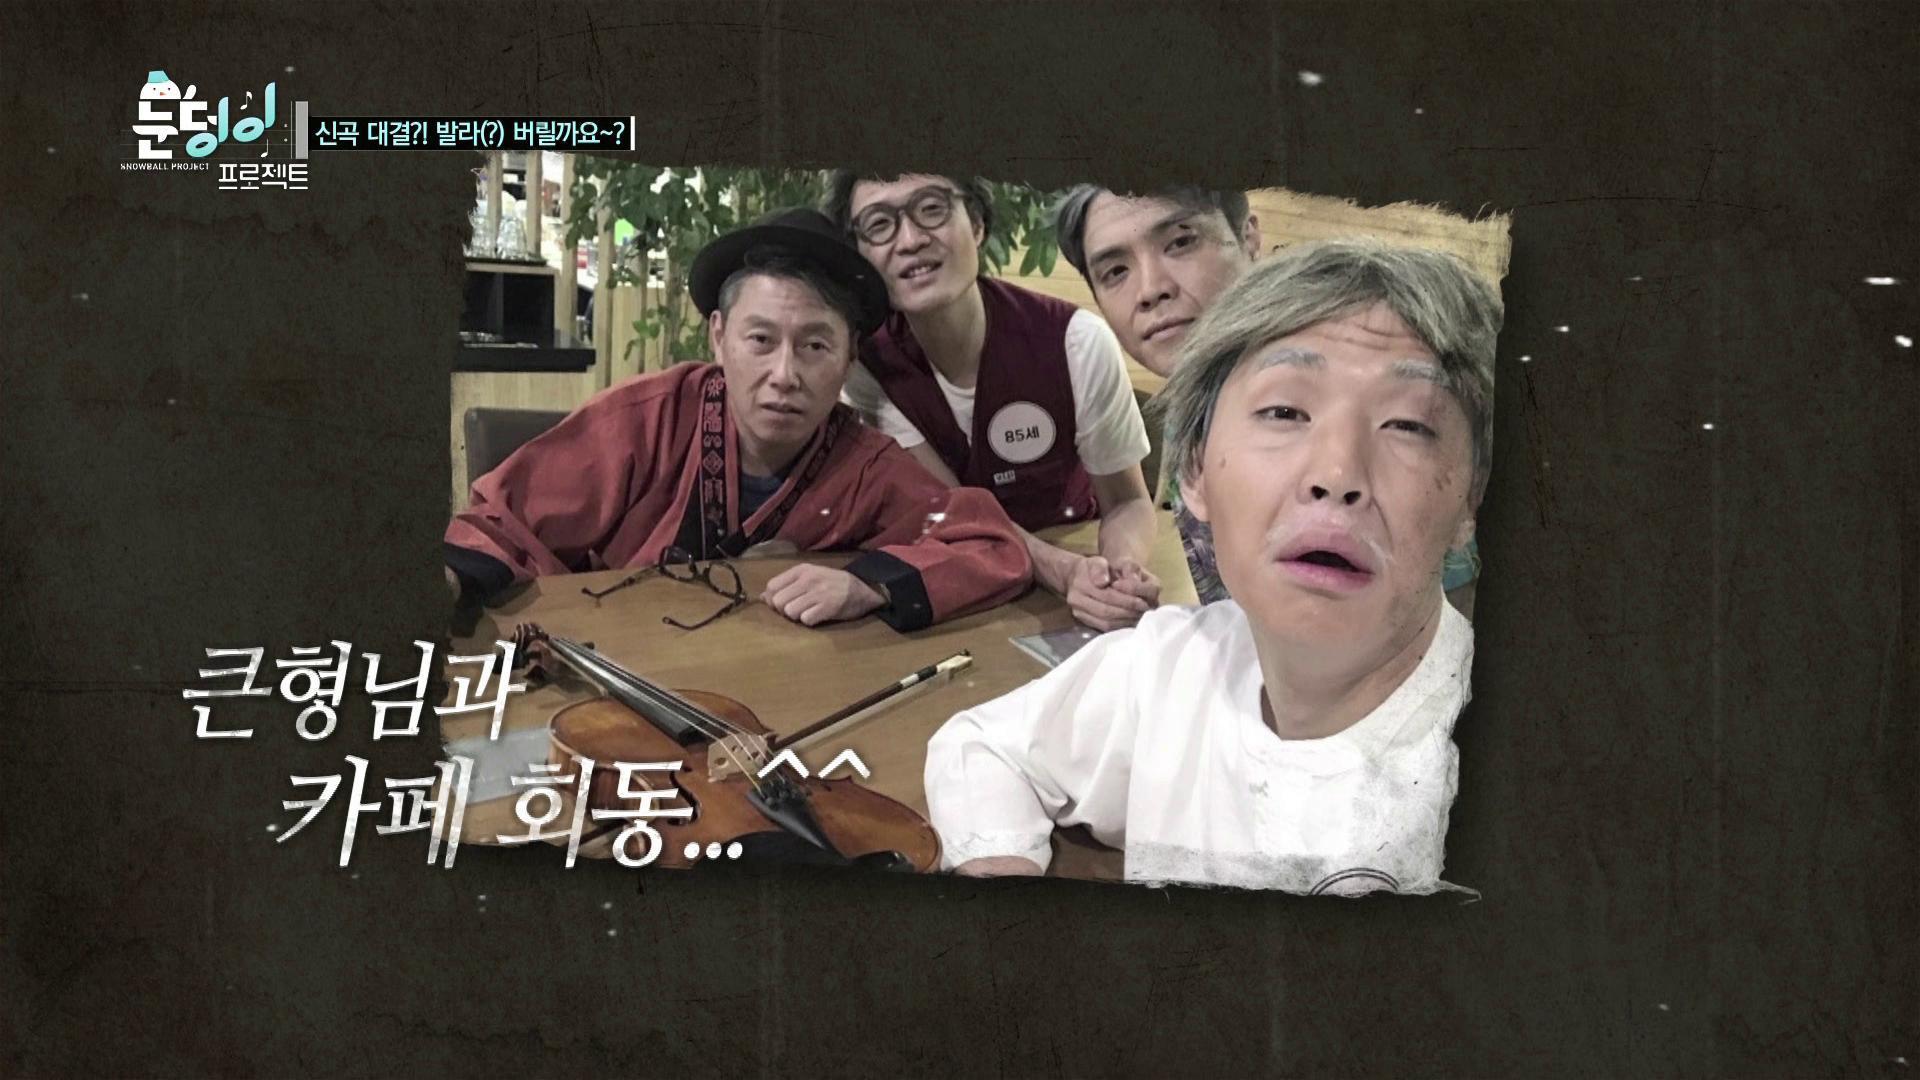 눈덩이 프로젝트 EP.56 - 이번 눈덩이 프로젝트 신곡의 주제는?